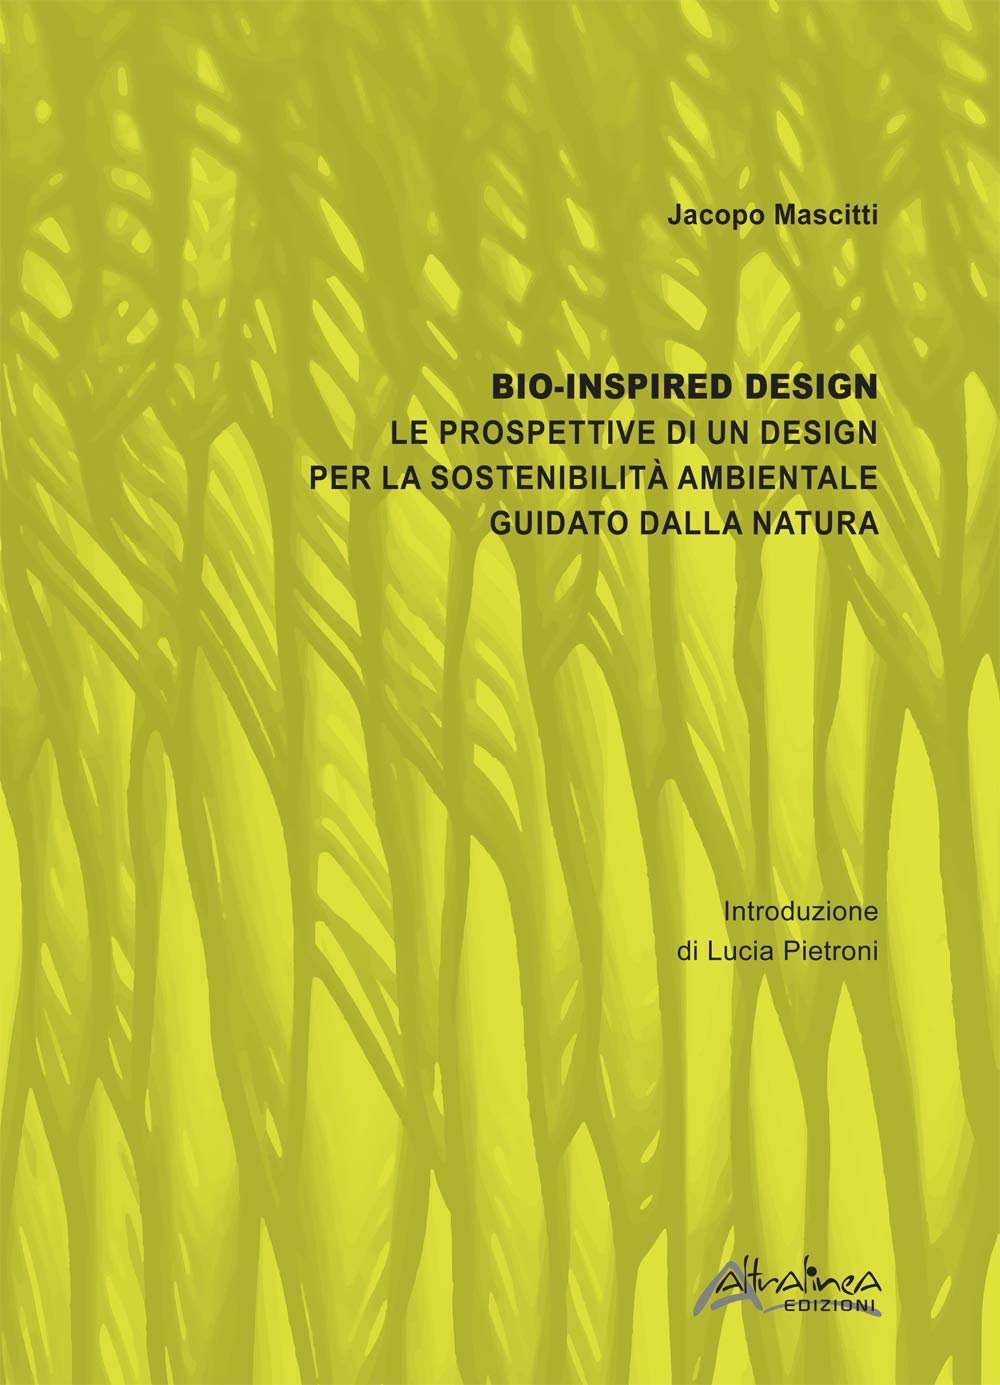 Bio-inspired Design. Le prospettive di un design per la sostenibilità ambientale guidato dalla natura